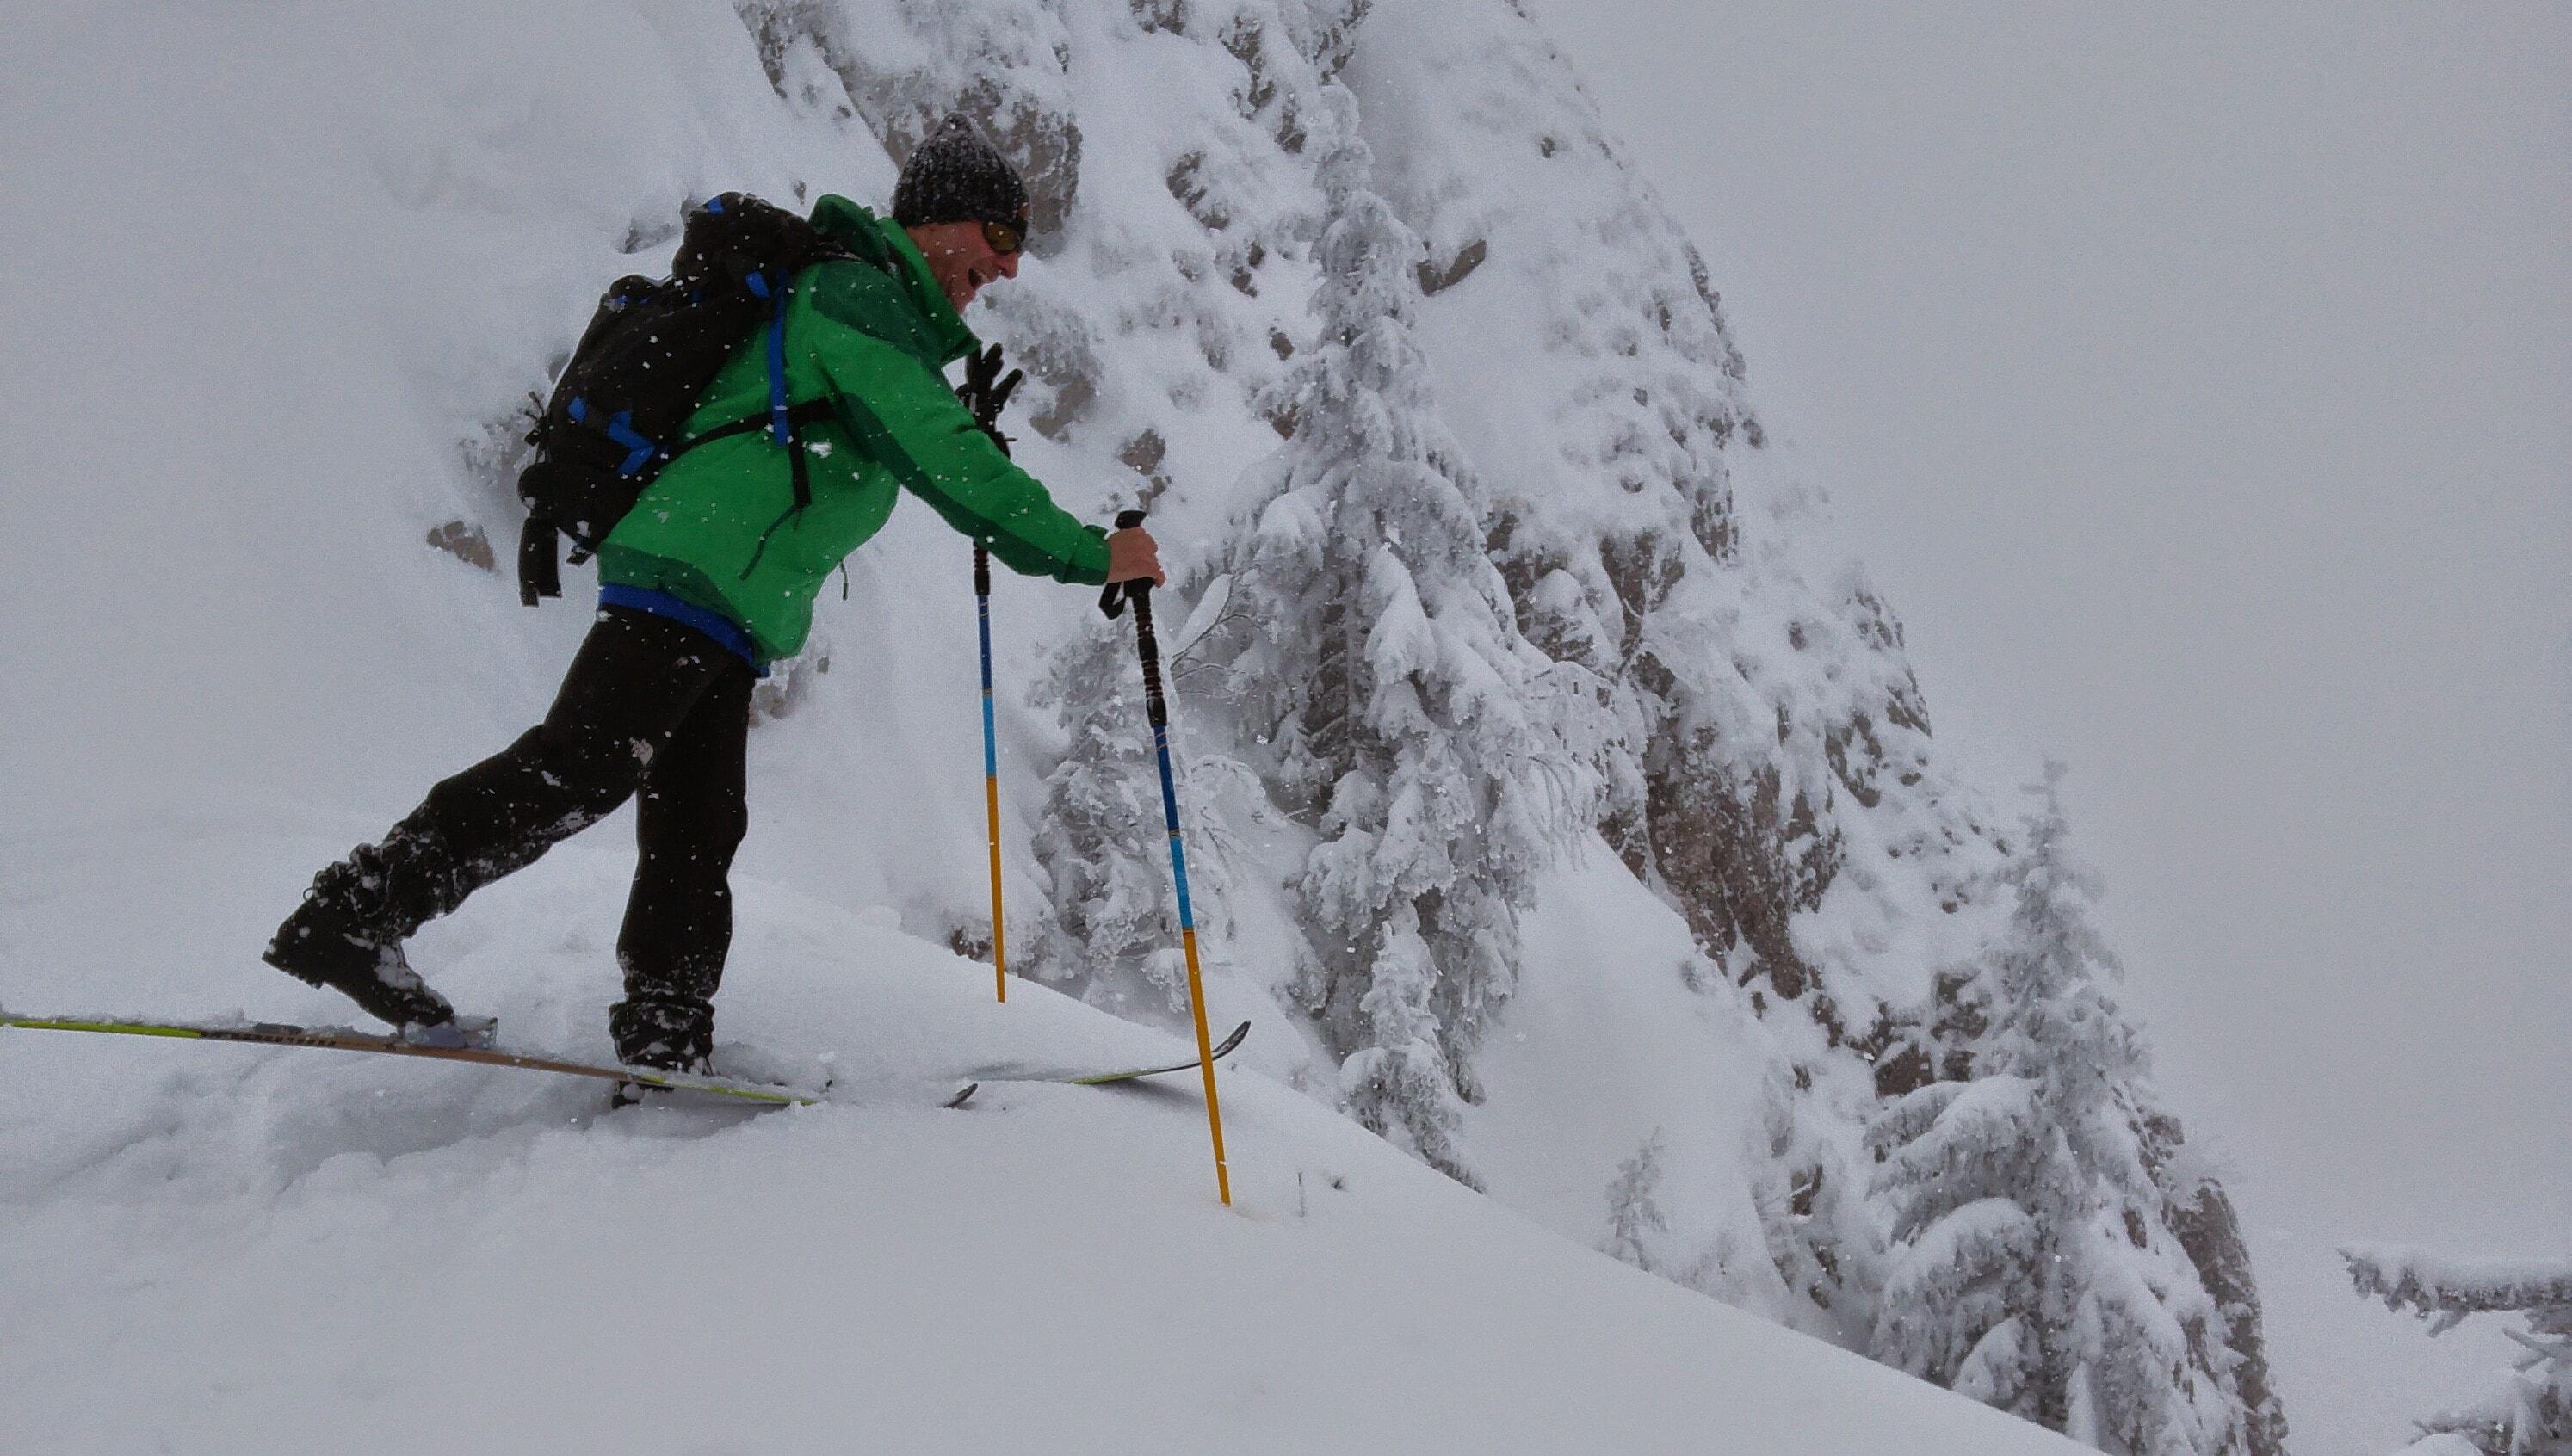 Montagne d'Hirmentaz près d'Habère-Poche, Haute-Savoie, France